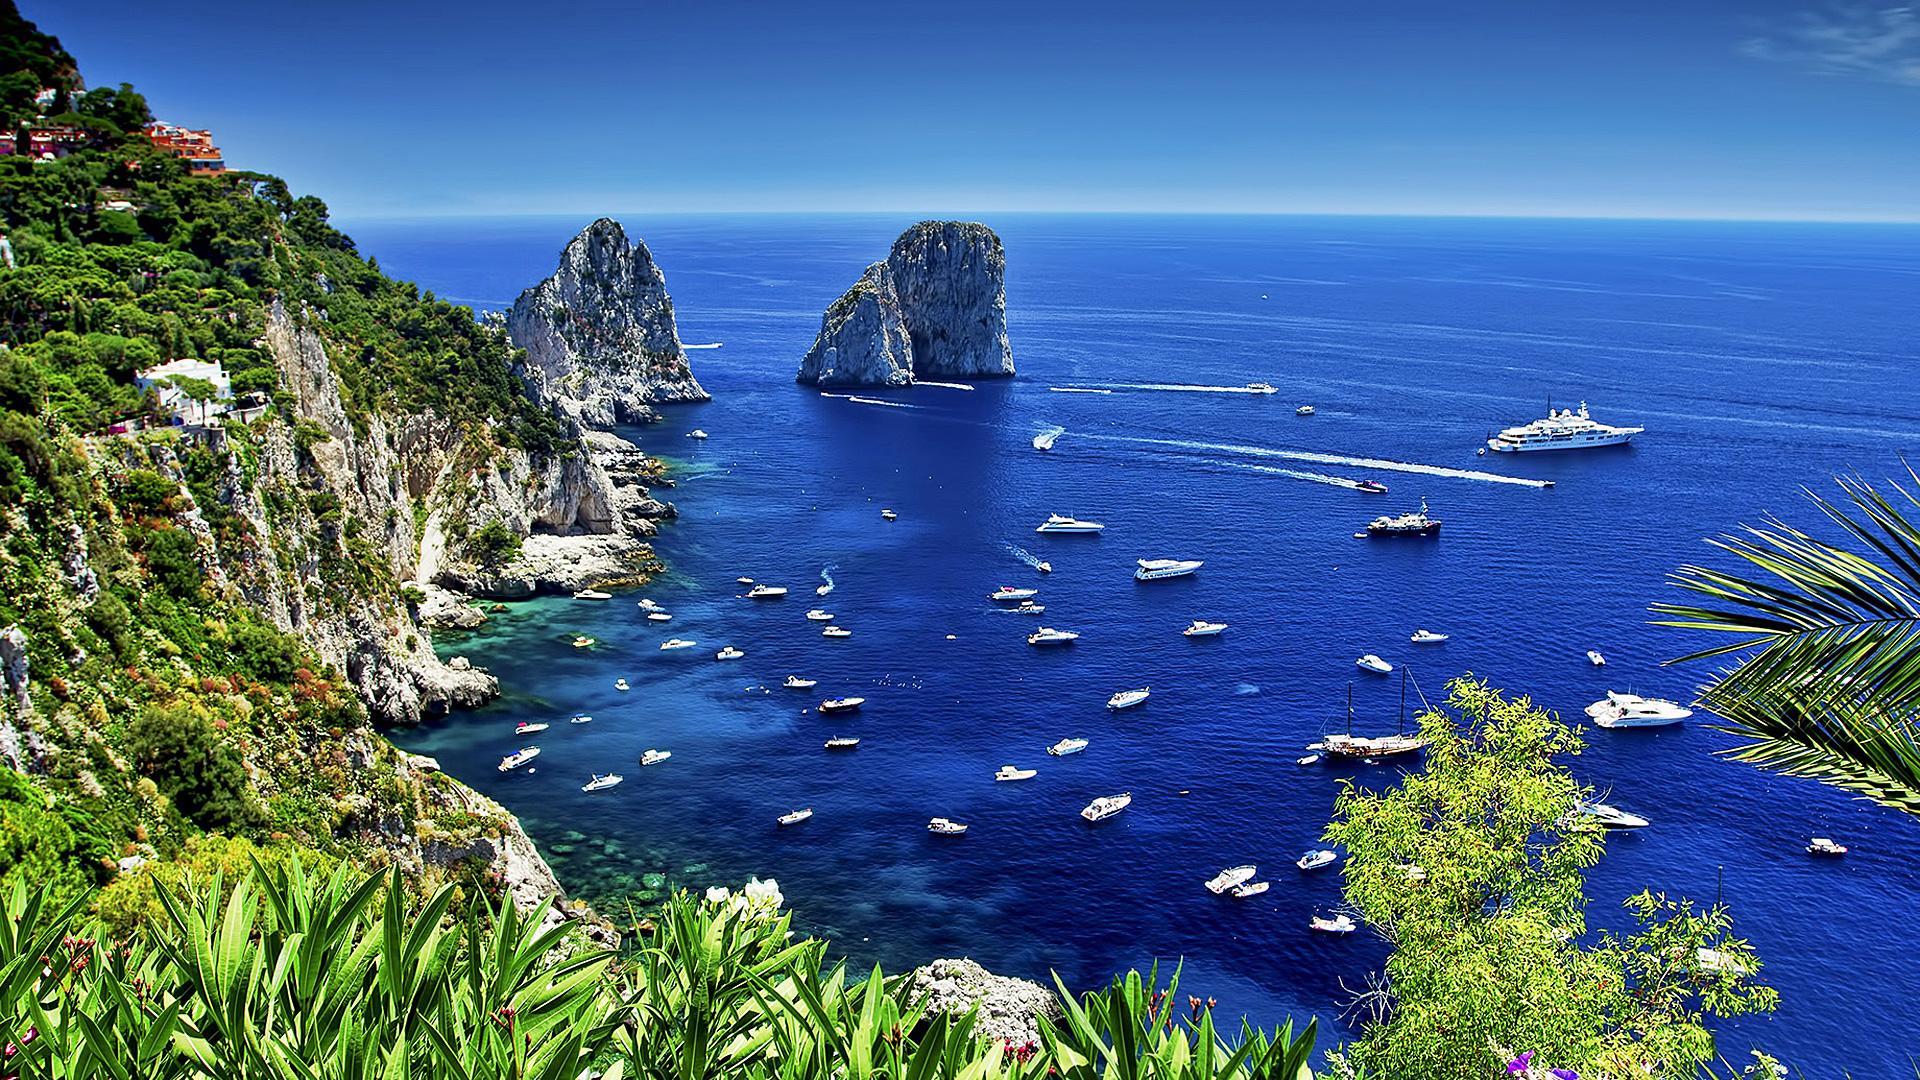 Capri Italy Hd Wallpaper Sfondi 1920x1080 Id745504